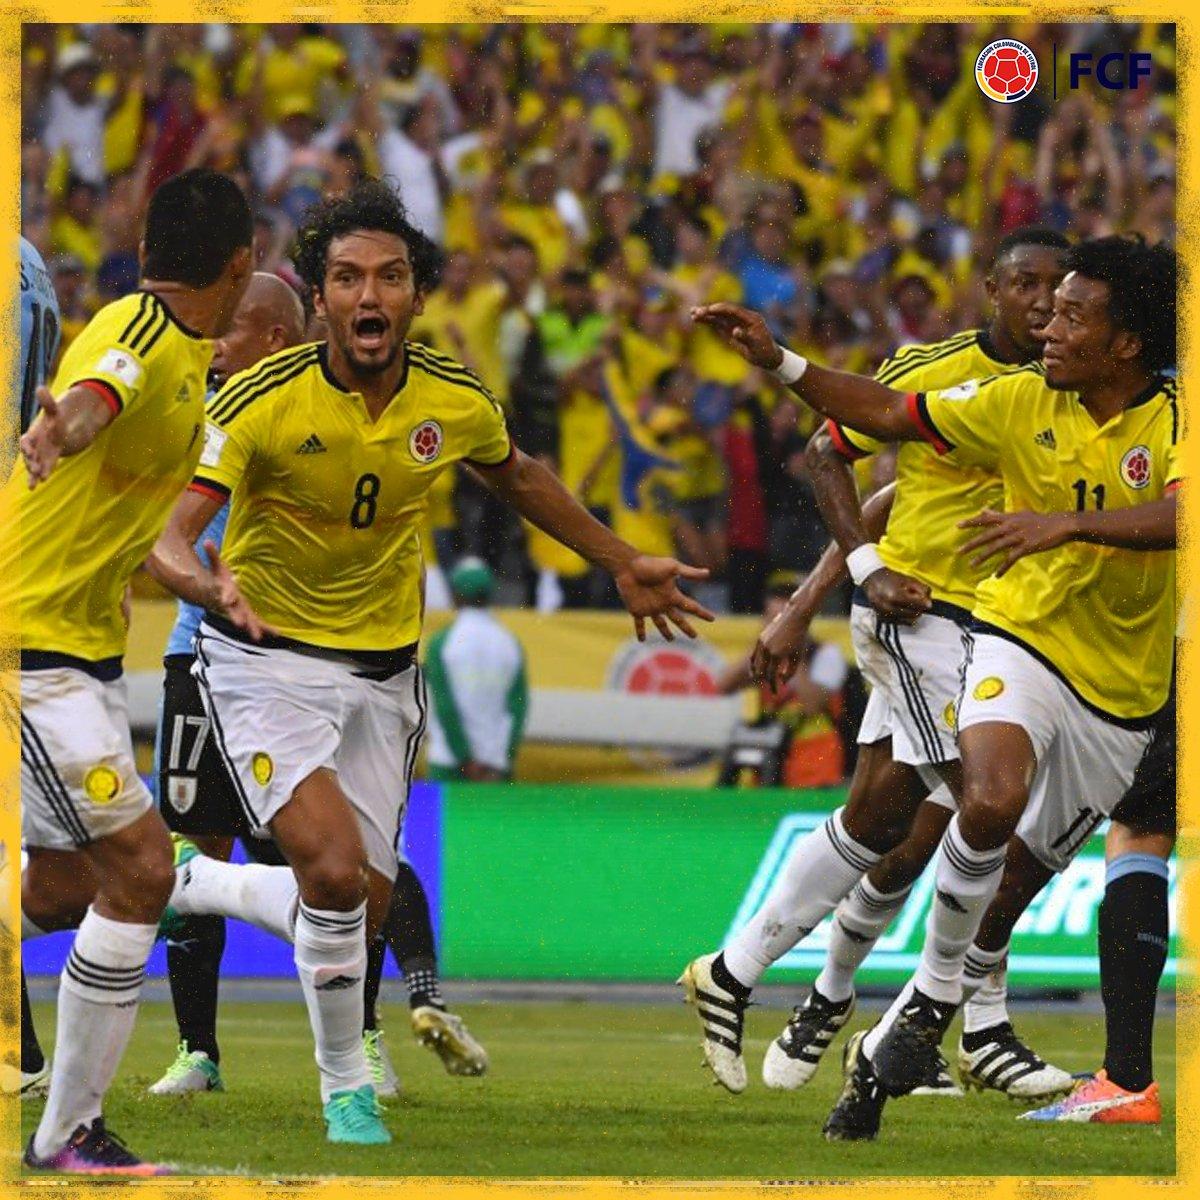 ¡Gooool de Colombia!  Gran cabezazo de @abelaguilart para vencer a Muslera y marcar el primero de nuestra Selección 🇨🇴  🇨🇴1⃣-0⃣🇺🇾  #EnModoEliminatorias #ViveElGolCaracol https://t.co/3wZ0Nv1cha